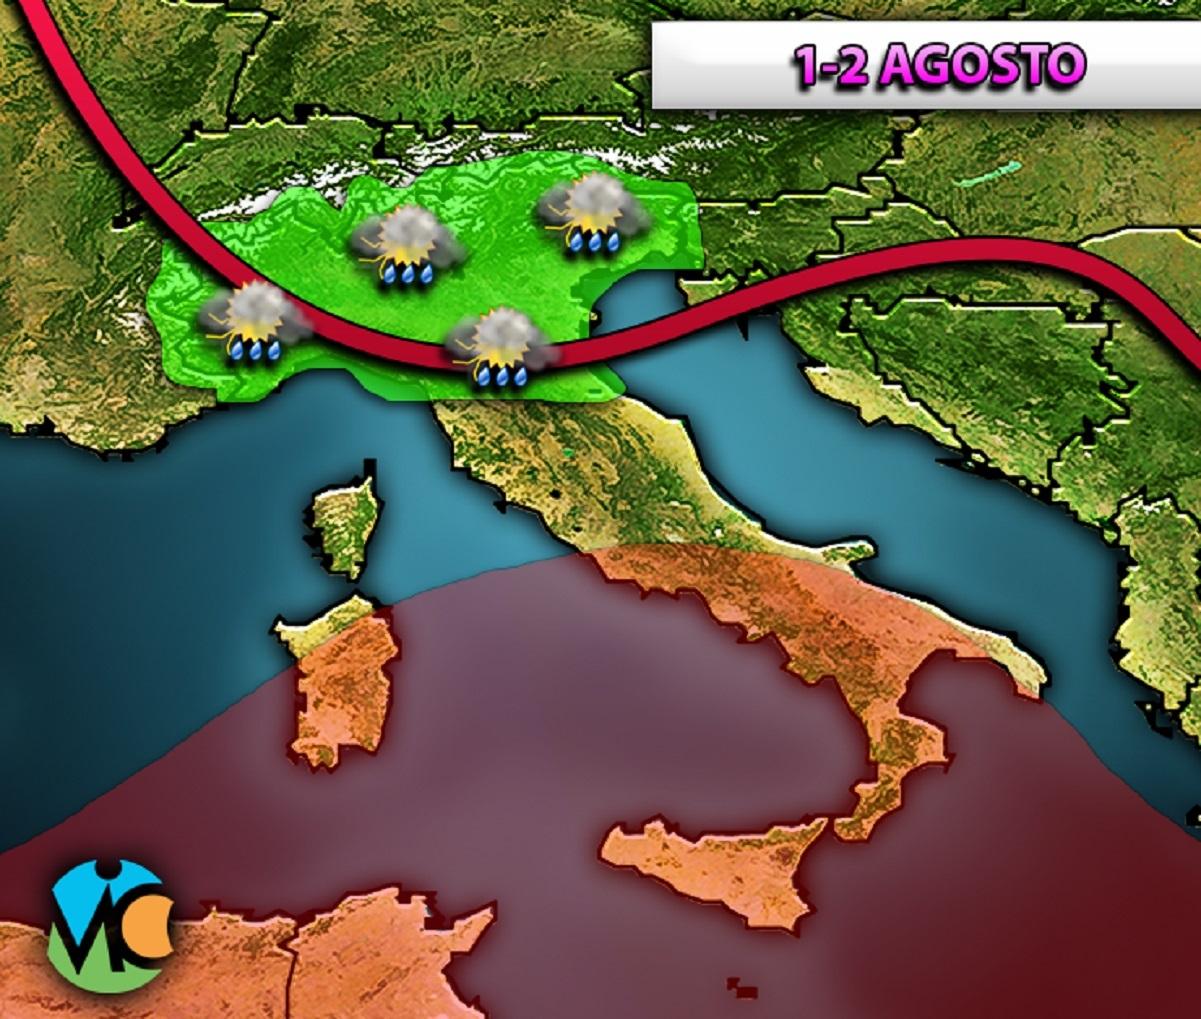 Nei prossimi giorni il transito di una saccatura atlantica porterà nuovamente acquazzoni e temporali sull'Italia.